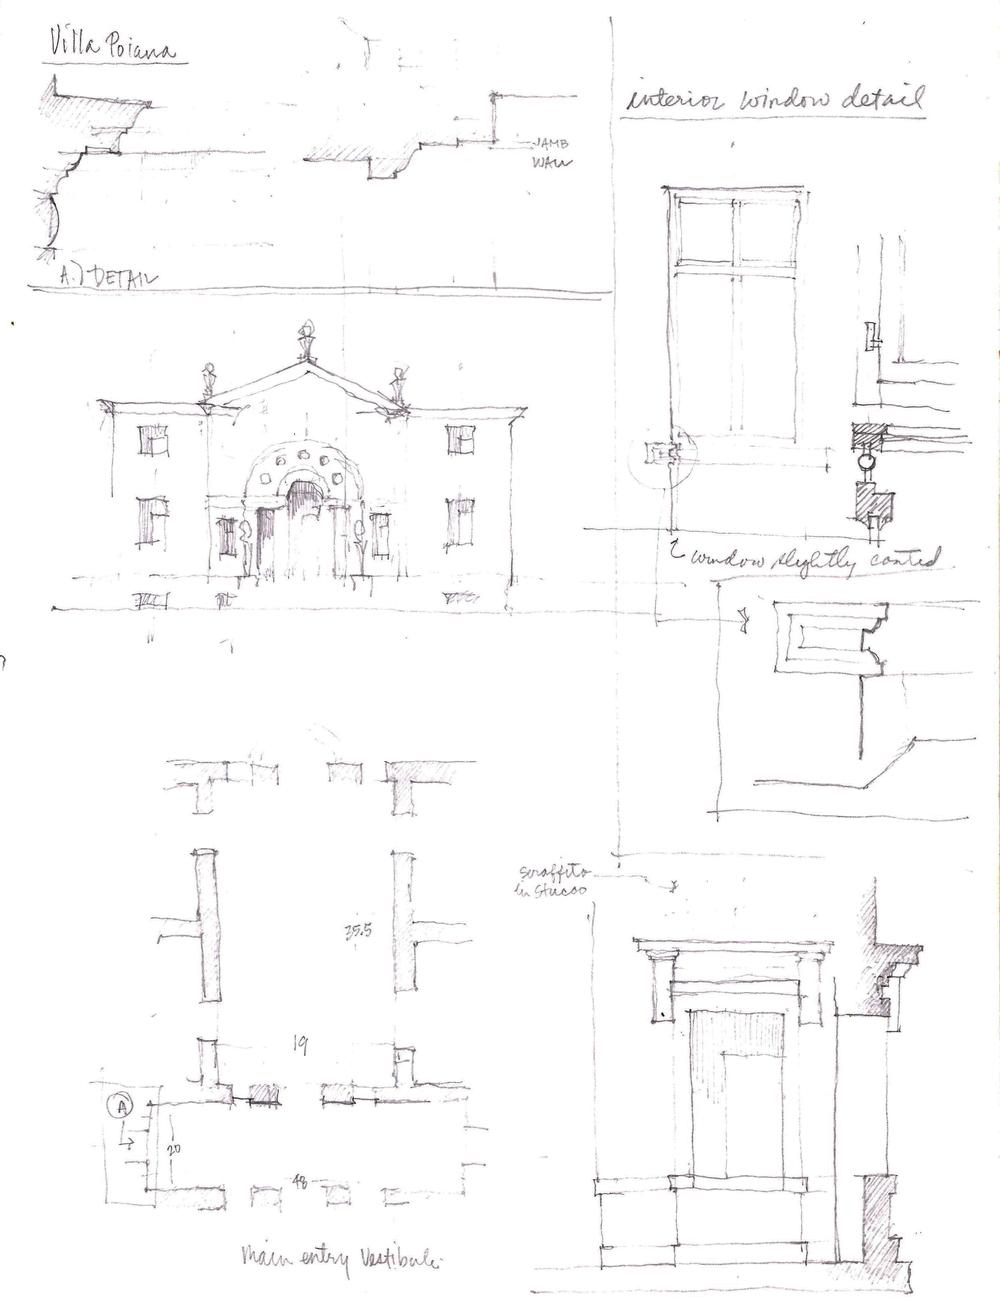 Villa Poiana, Palladio